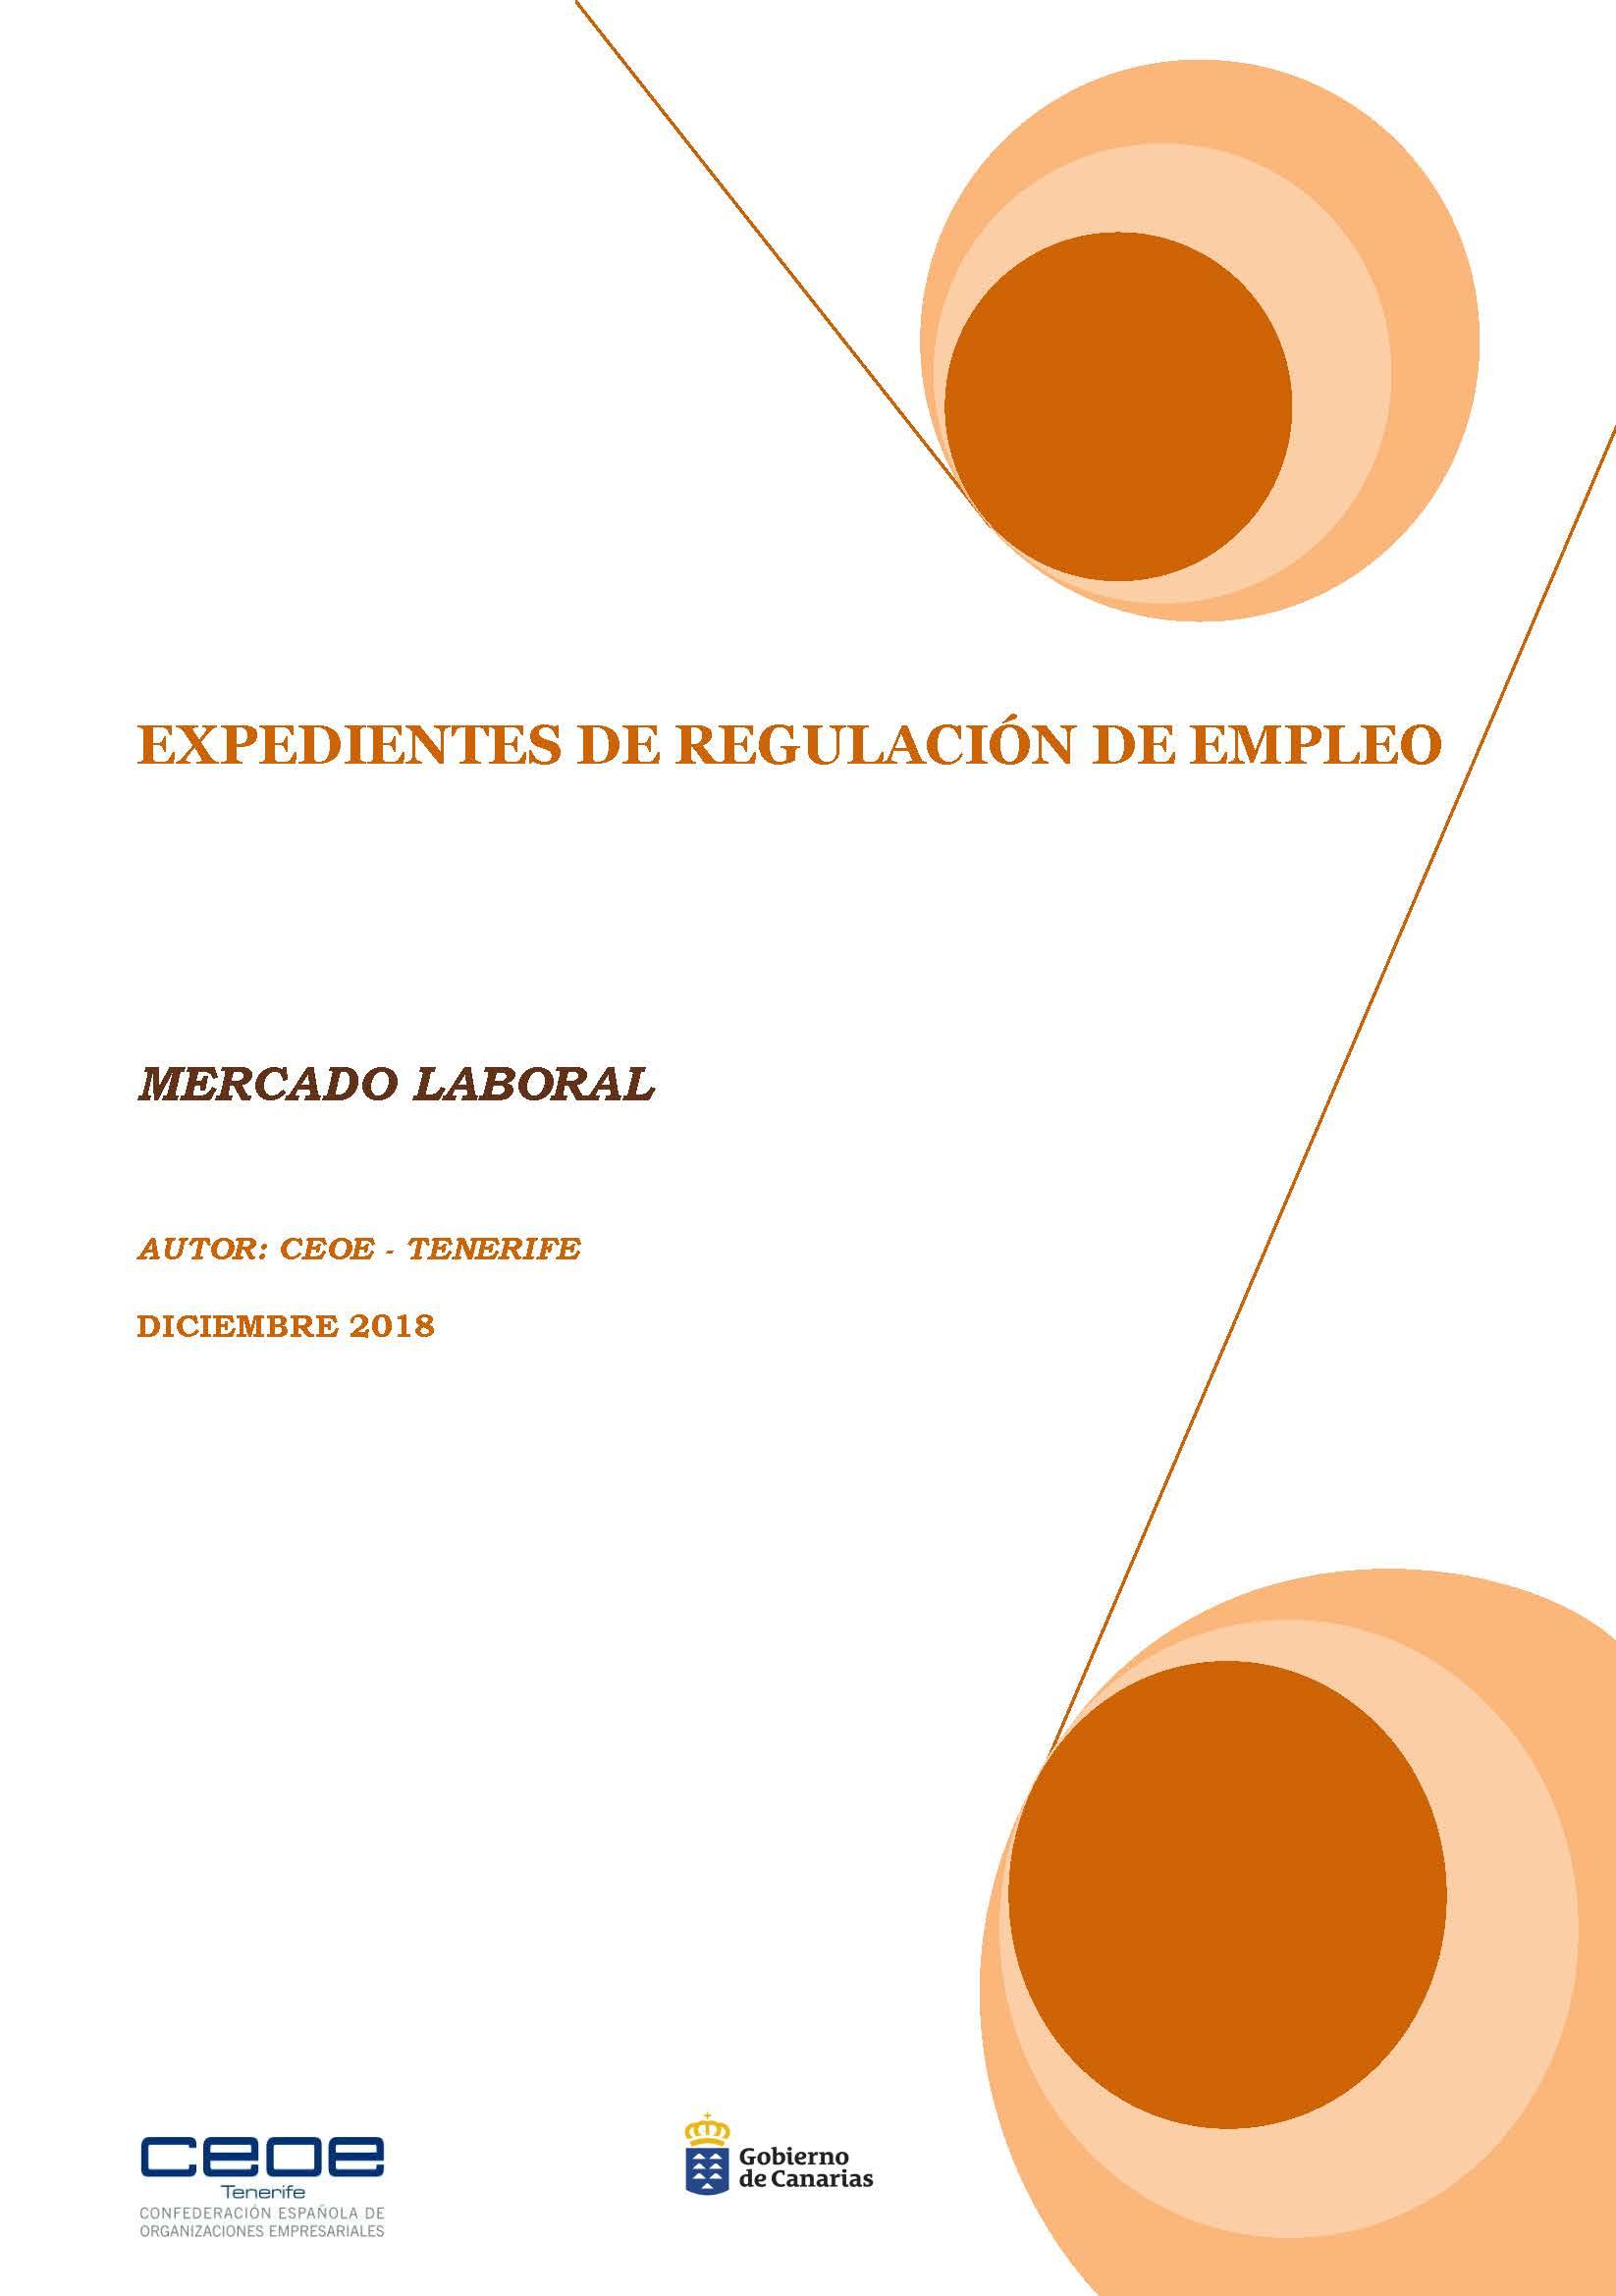 MERCADO LABORAL - ERES DICIEMBRE 2018